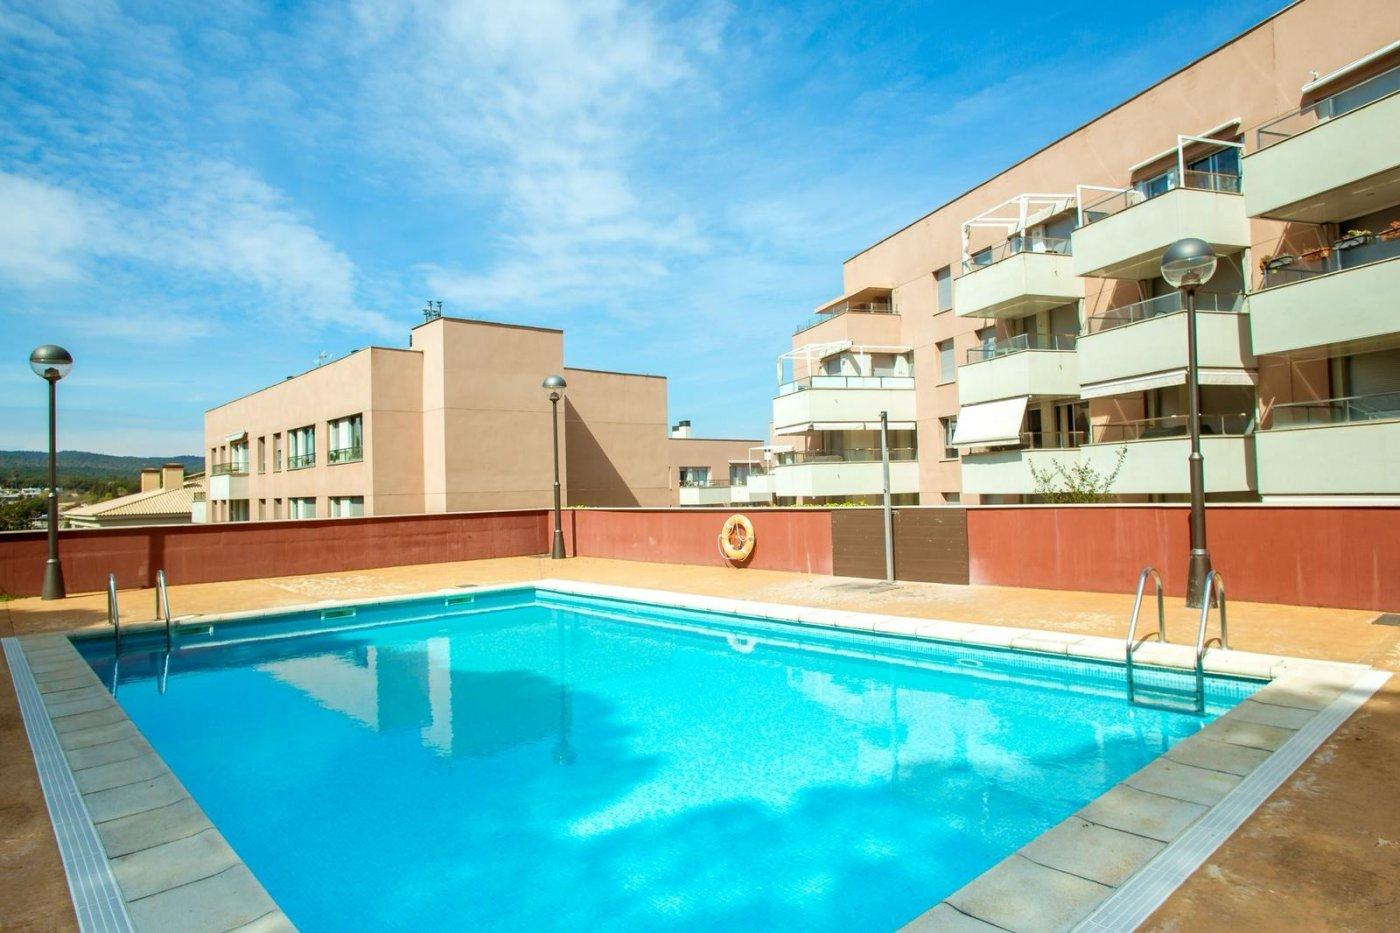 Apartment for rent in Fenals, Lloret de Mar